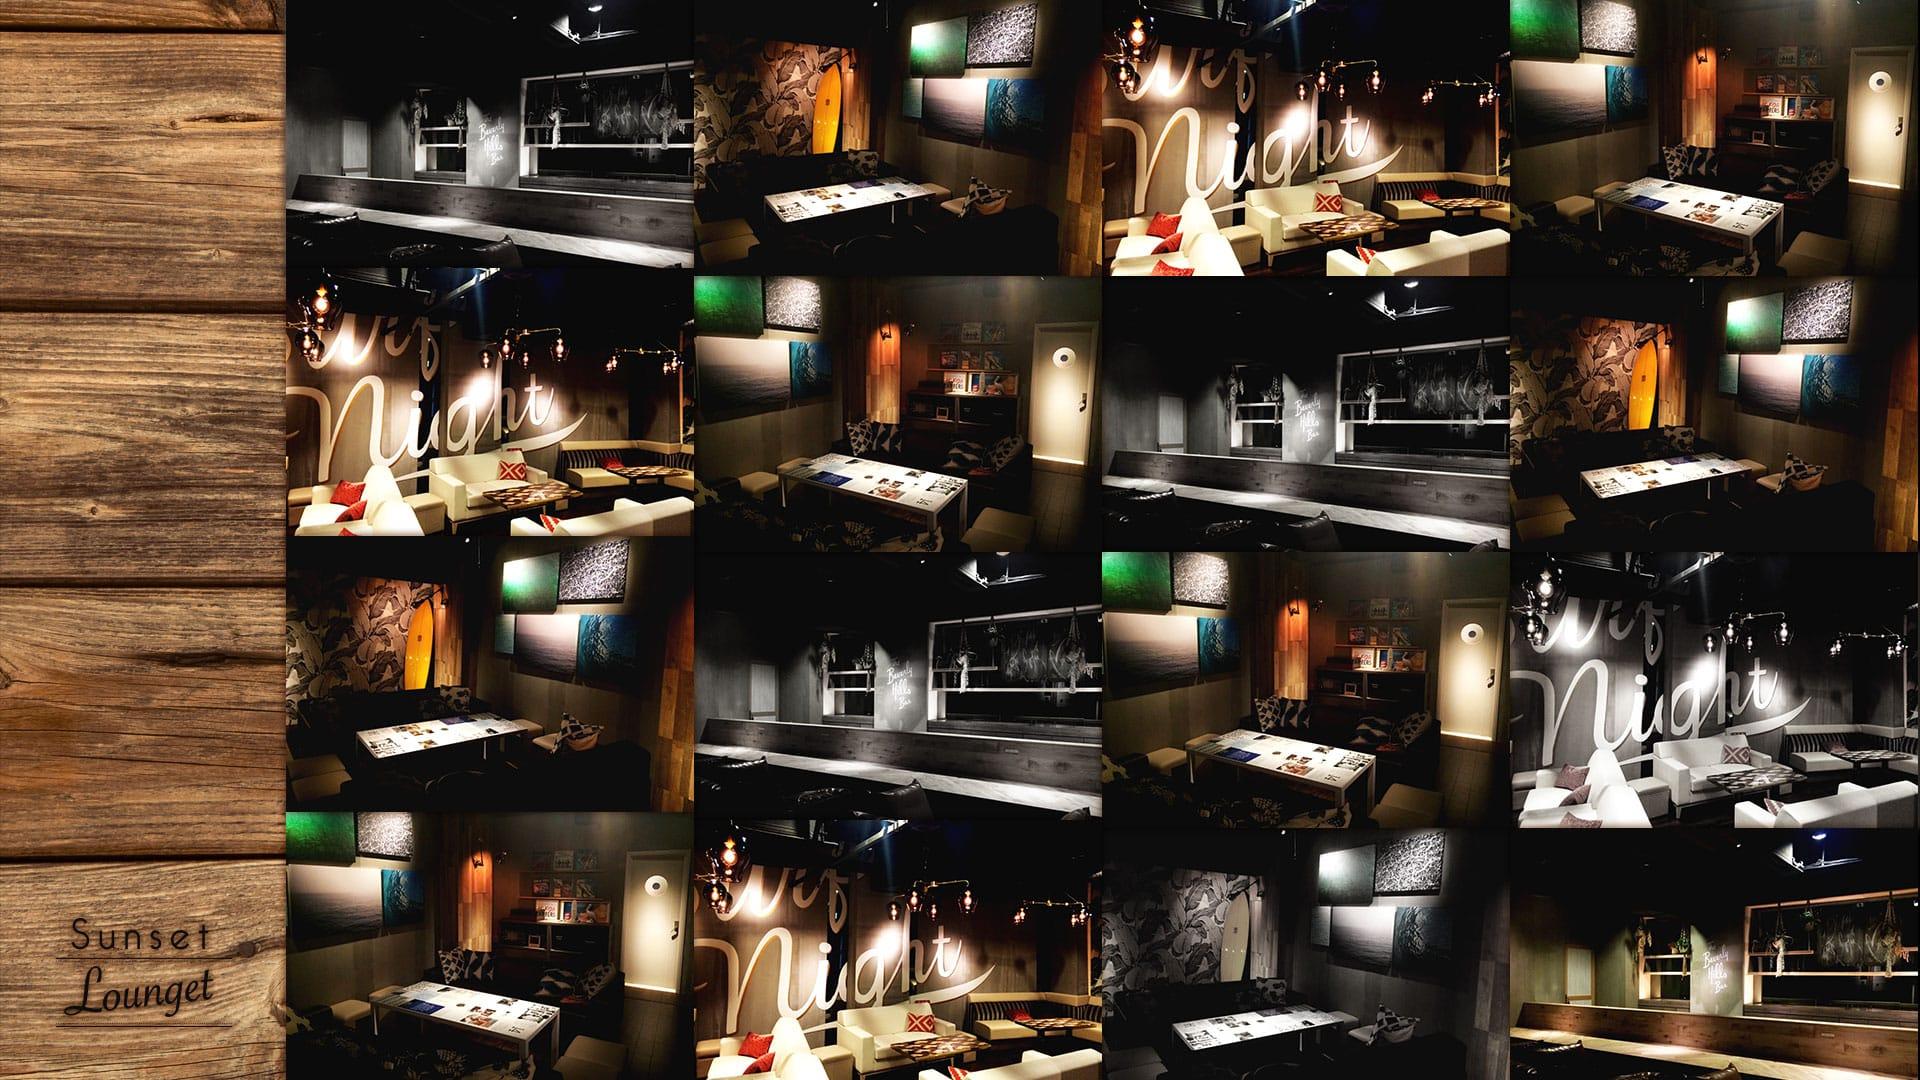 SunsetLounget-サンセットラウンジェット金沢-【公式】 片町キャバクラ TOP画像